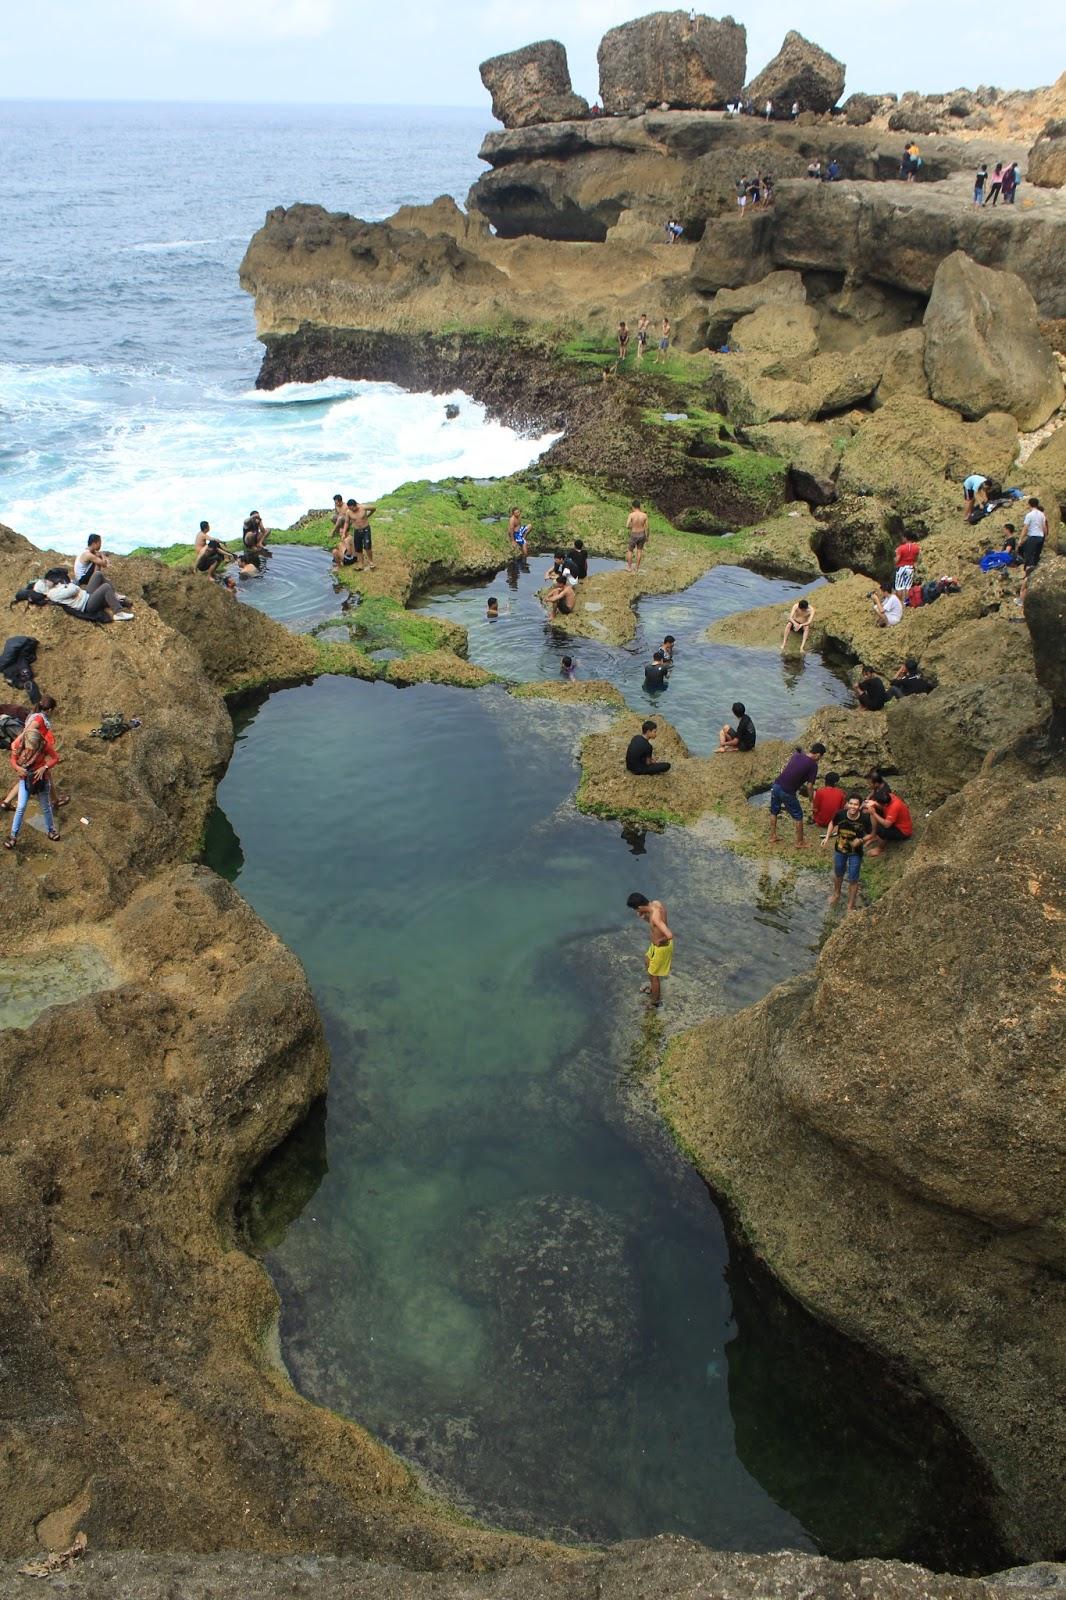 Ferdy Waterfall Pantai Kedung Tumpang